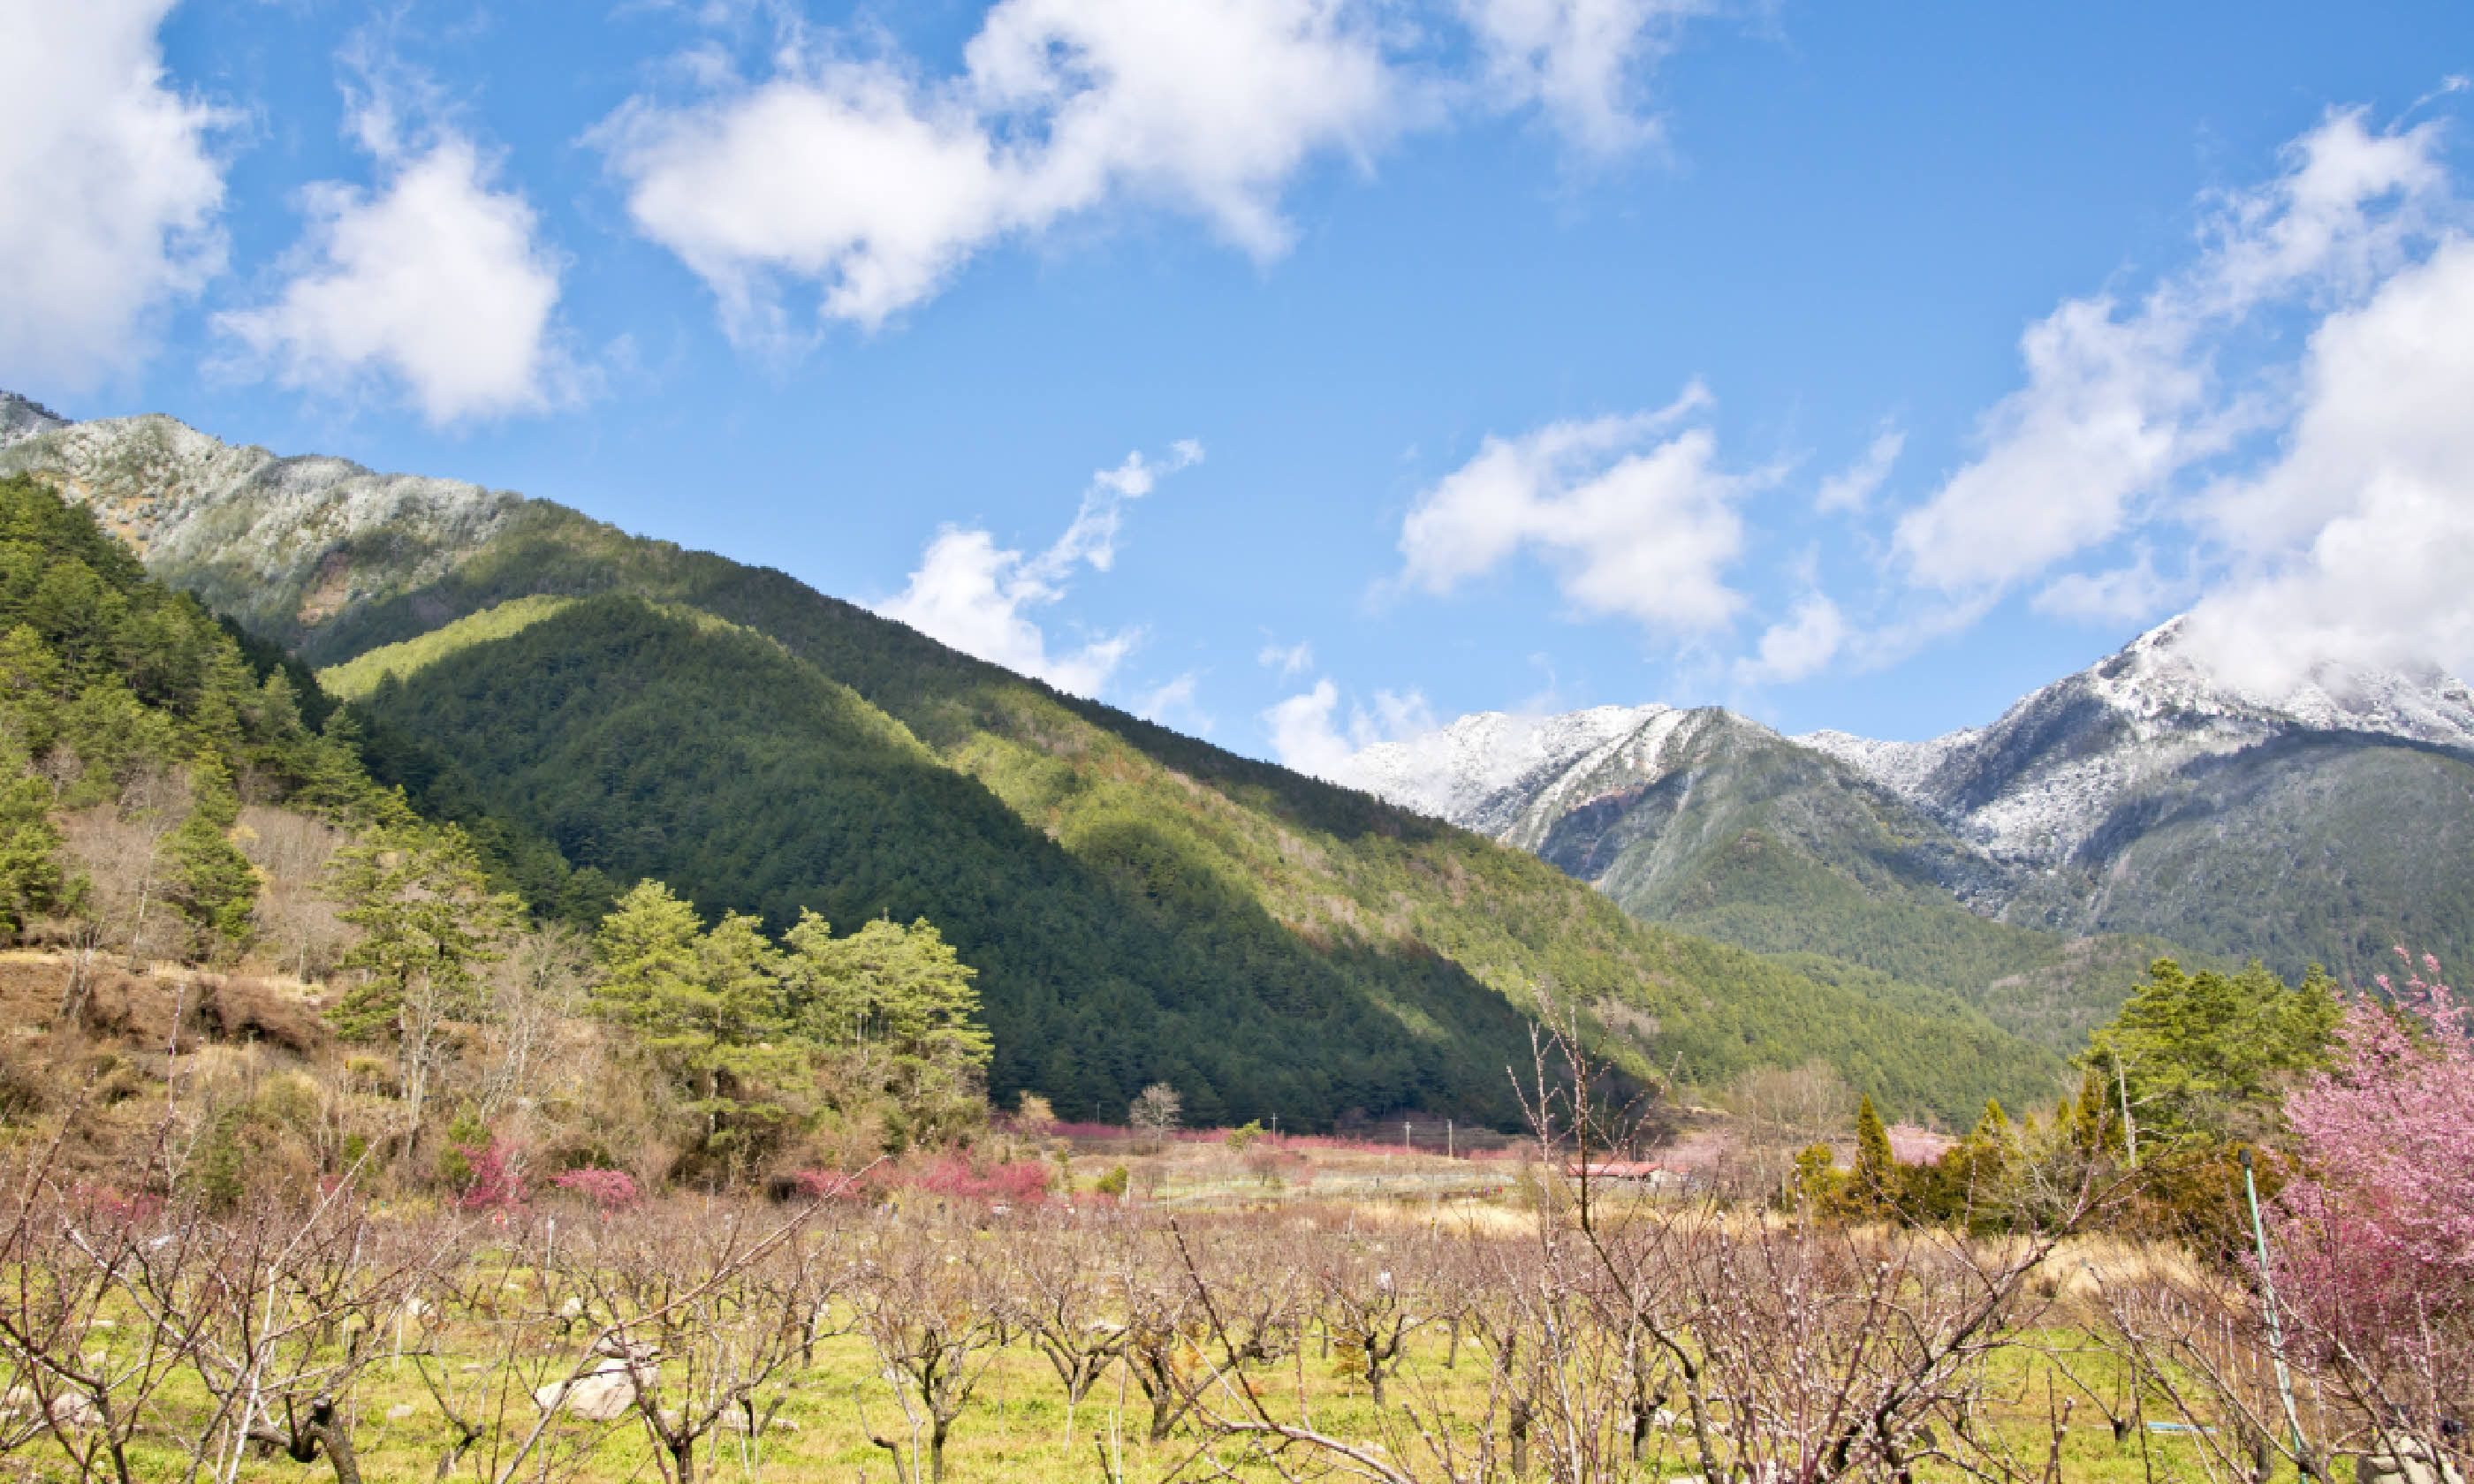 Shei-Pa National Park (Shutterstock)